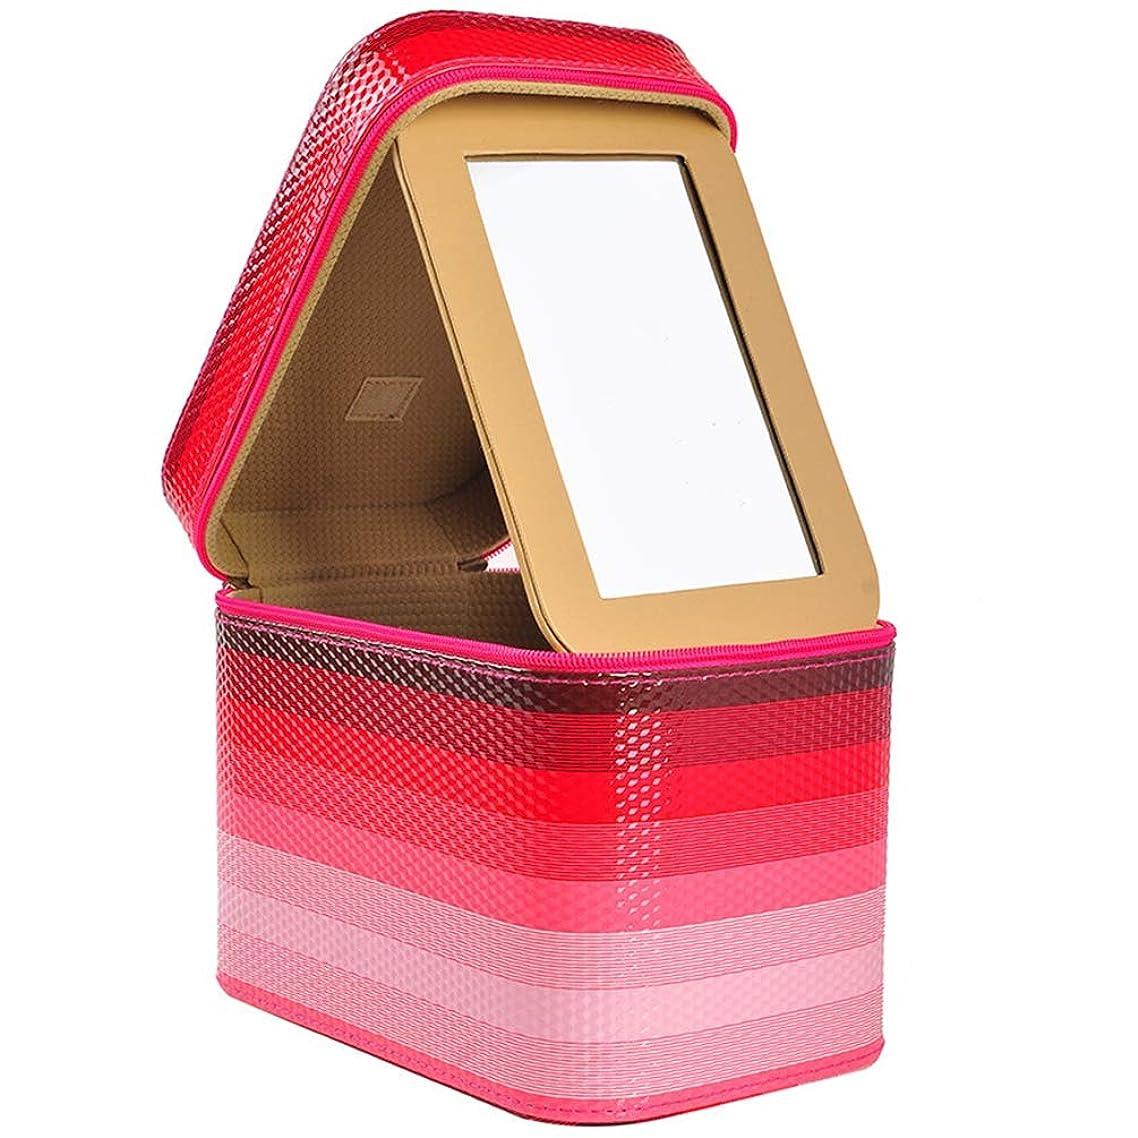 速記ディスパッチスポークスマン[カタク]メイクボックス コスメボックス 大容量 鏡付き 化粧ボックス おしゃれ 取っ手付 携帯便利 化粧道具 メイクブラシ 小物 出張 旅行 機能的 PUレザー プロ仕様 きらきら 化粧ポーチ コスメBOX